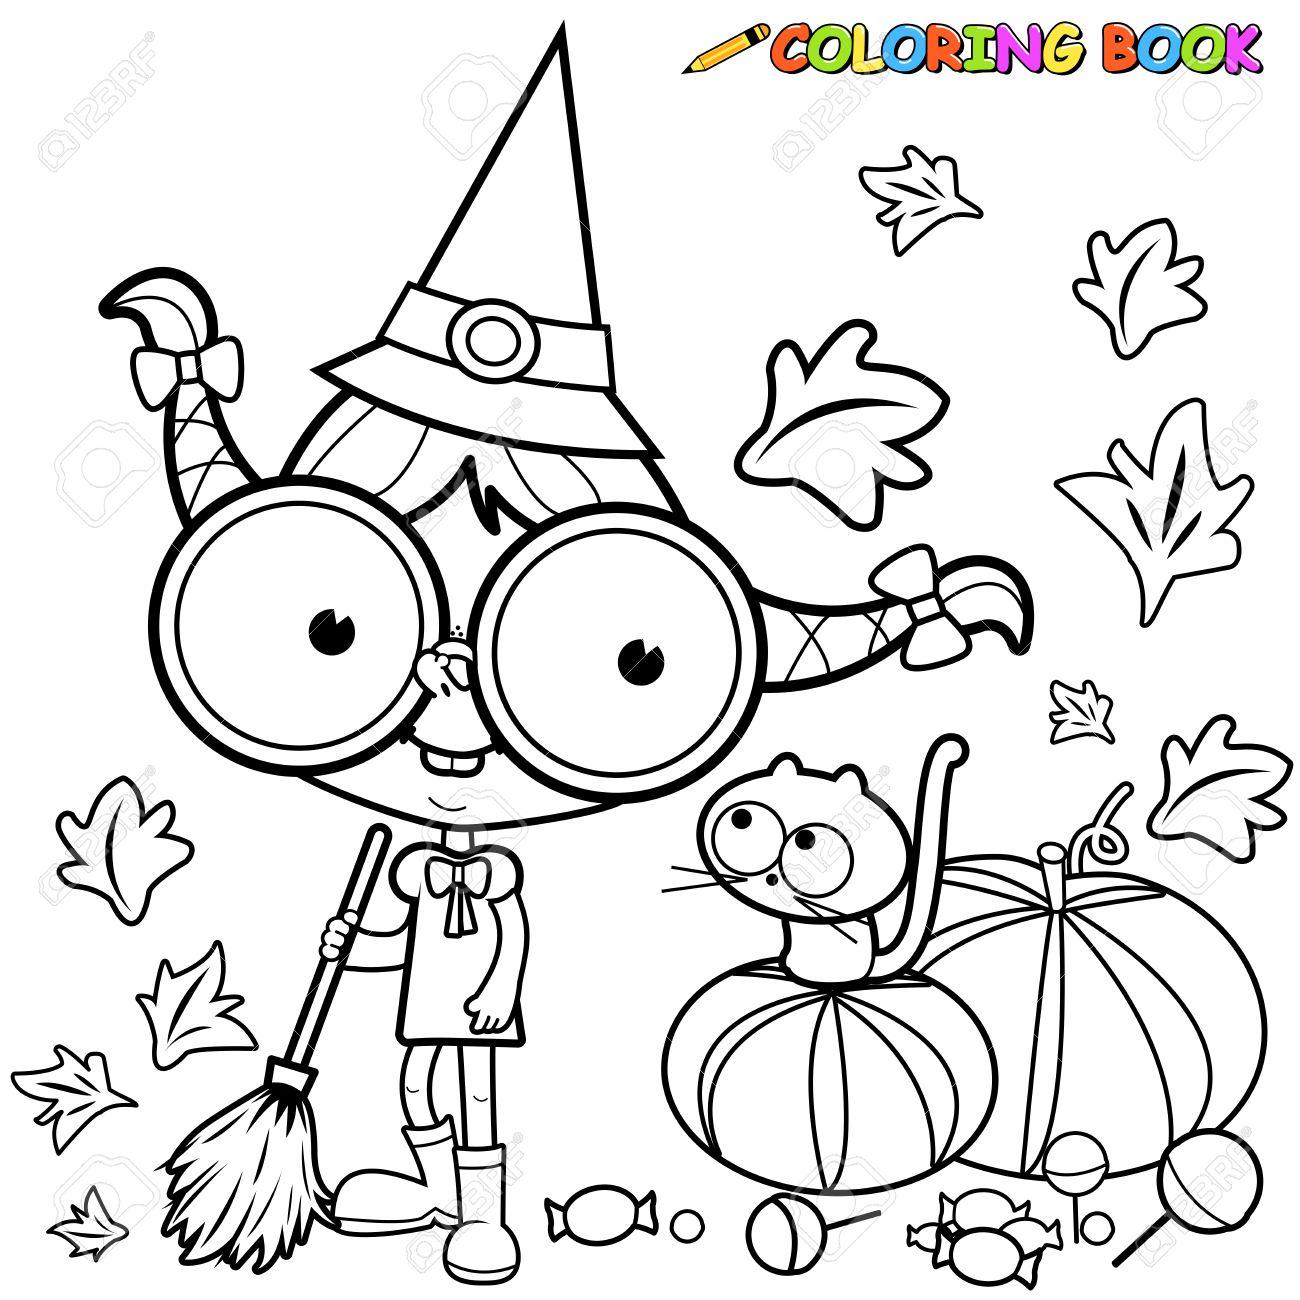 Dibujo para colorear bruja de Halloween barrer hojas de calabaza. Foto de archivo , 46750517